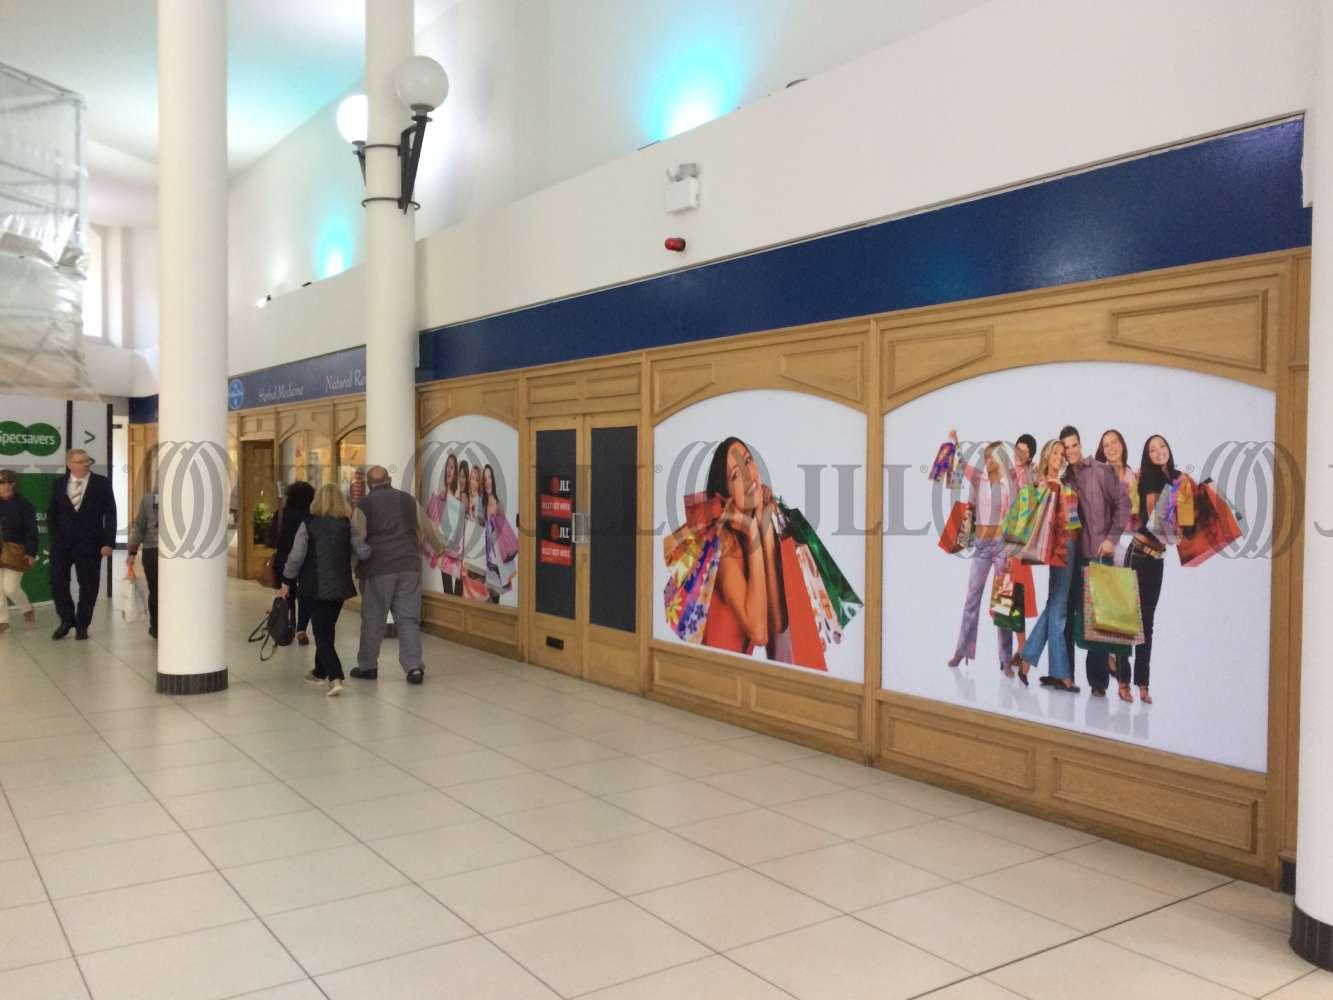 Retail shopping centre Trowbridge, BA14 8AT - Unit 13 The Shires